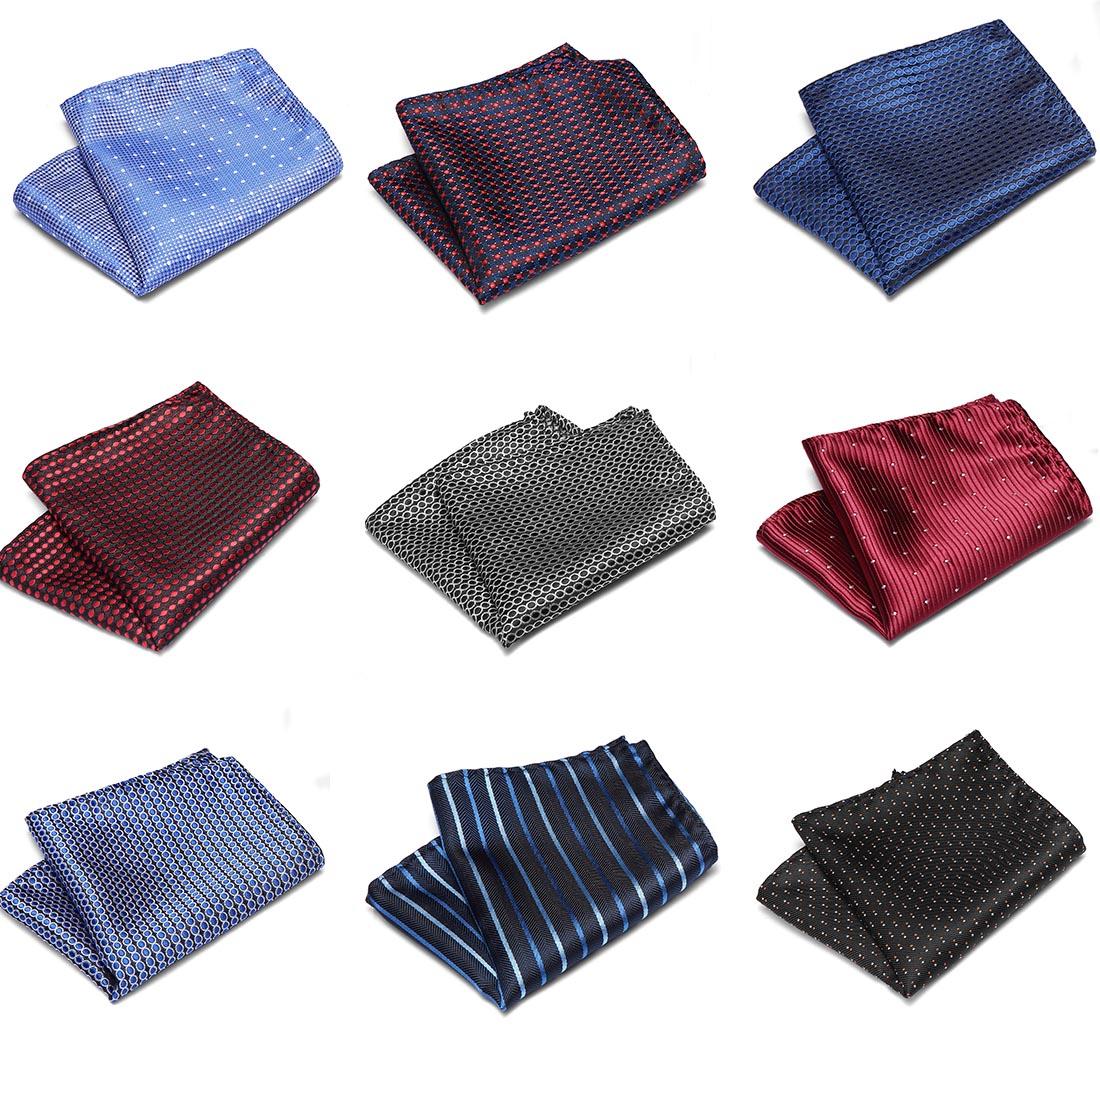 New Luxury Men Formal 100% Silk  Pocket Square Hankerchief Hanky  Color Wedding Party